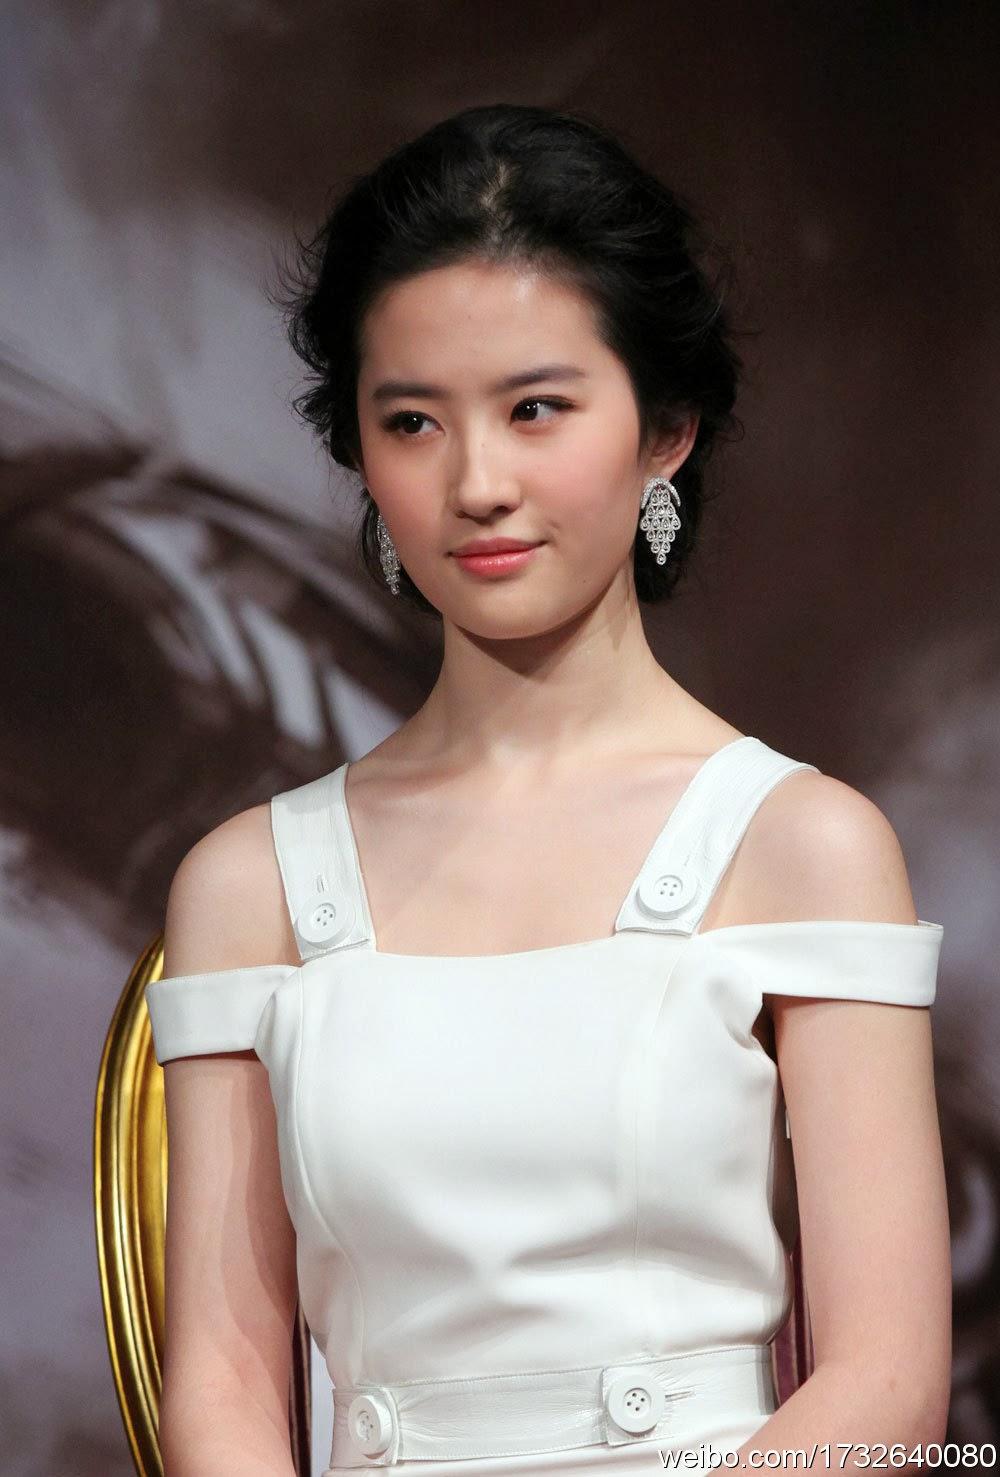 Yifei Liu: Liu Yi Fei Pictures I Found As Of October 7, 2013